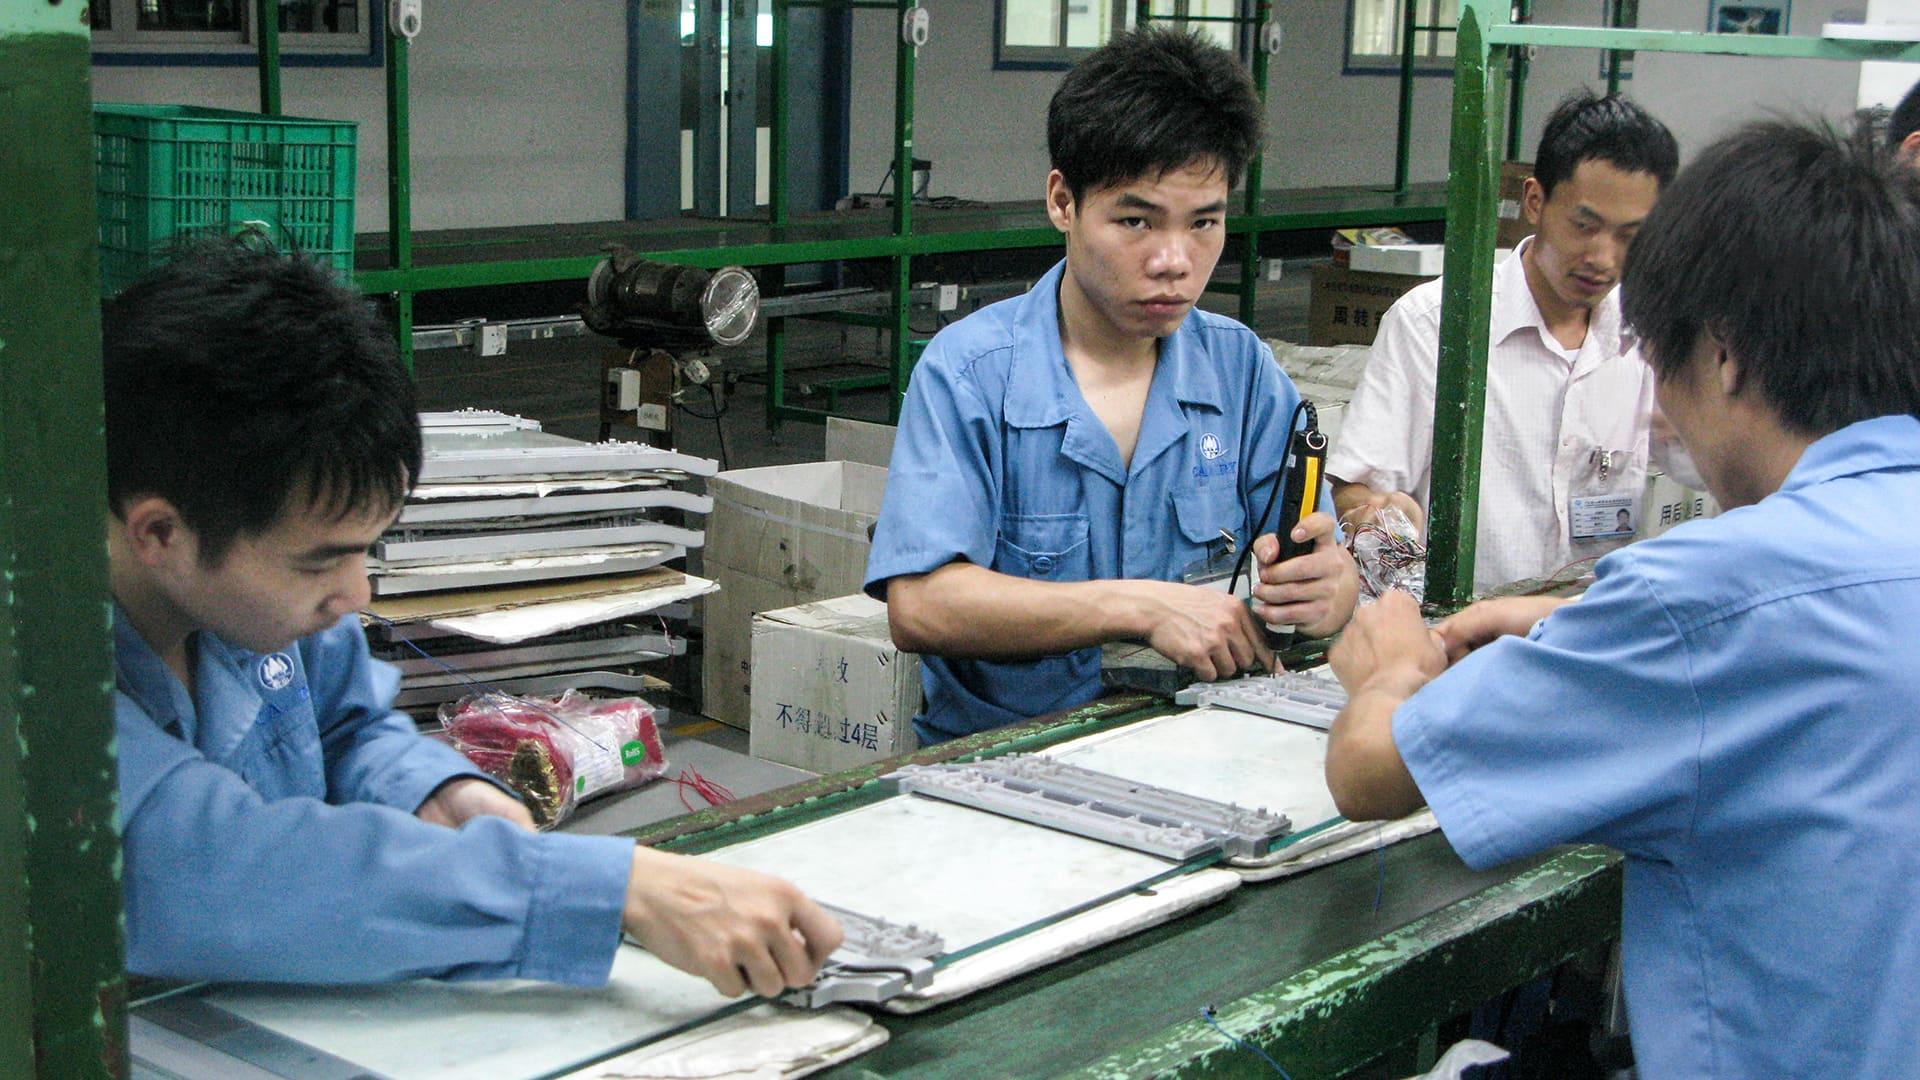 Miehiä työskentelemässä kiinalaisessa tehtaassa.